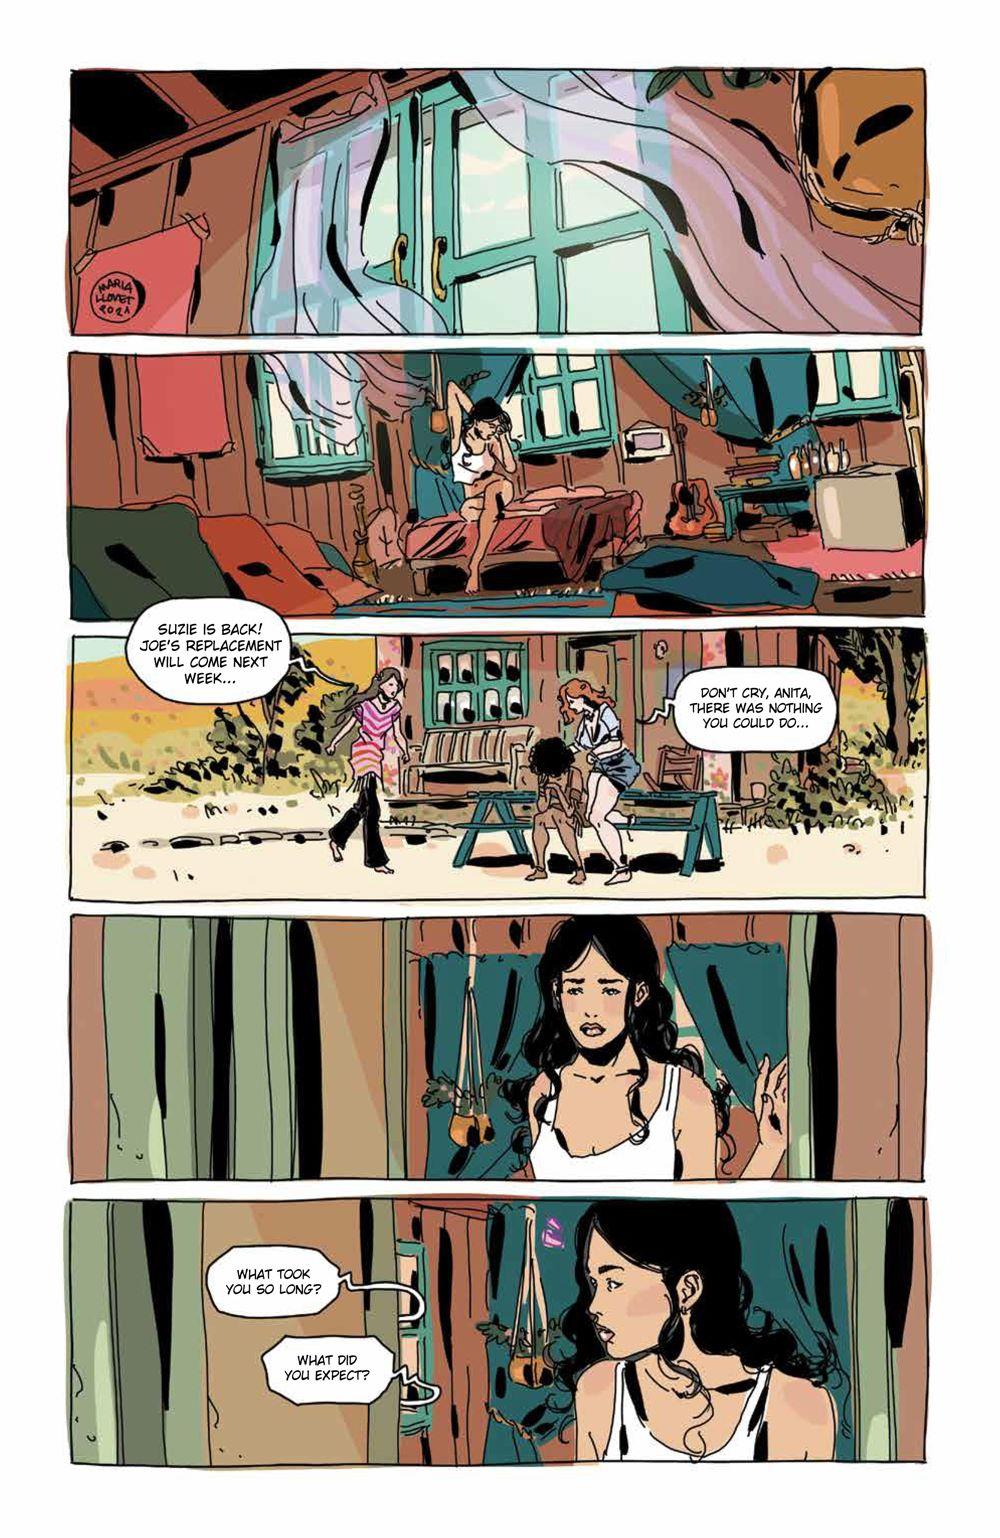 Luna_004_PRESS_6 ComicList Previews: LUNA #4 (OF 5)